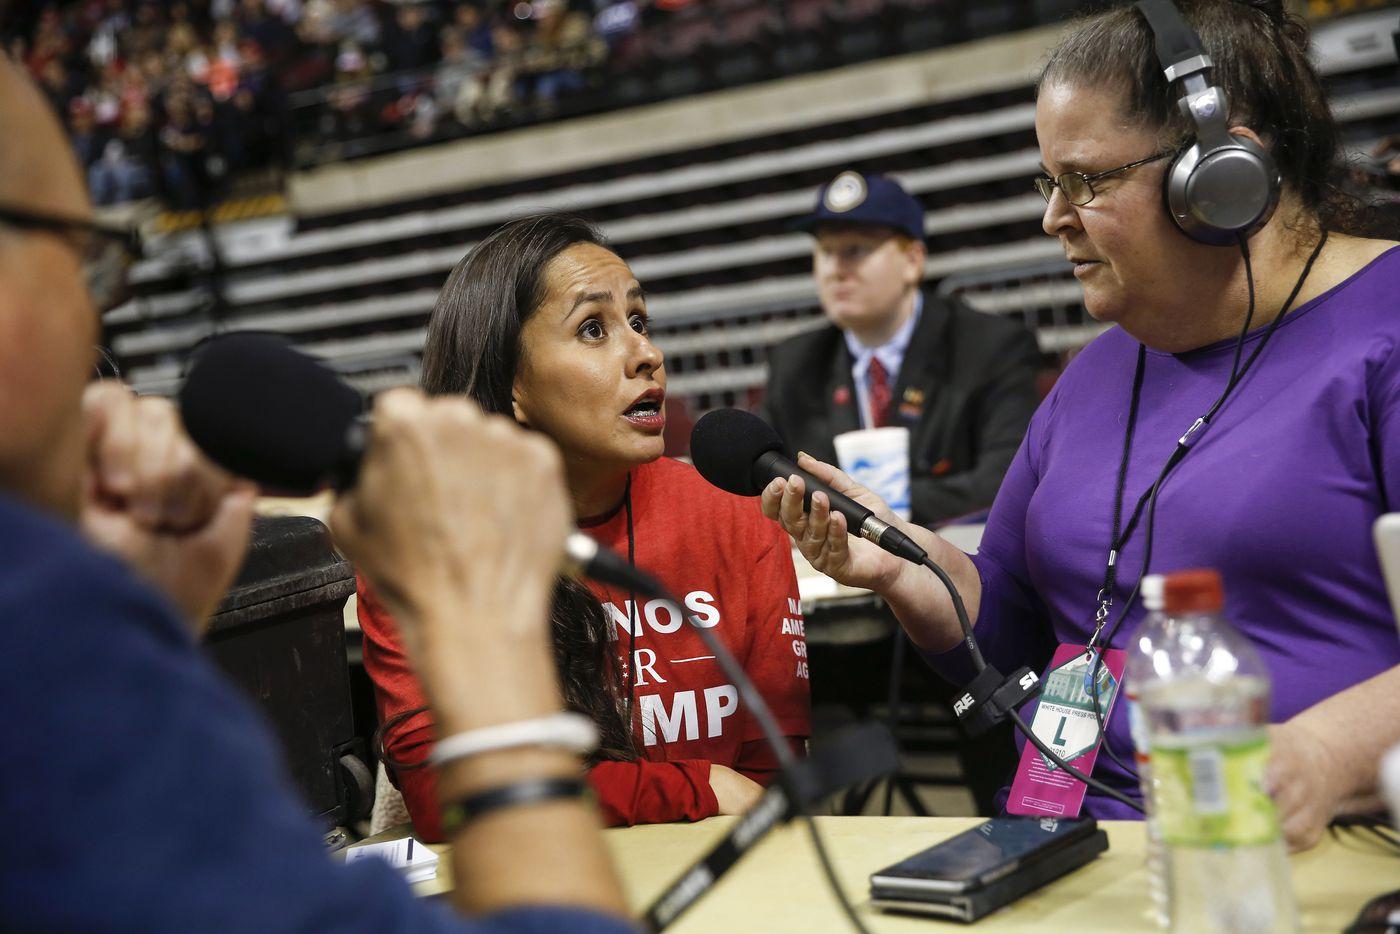 Martha Doss donne une interview à Robert J Wright et Erin McCarty de la radio KEEL 710 AM lors d'un rassemblement pour réélire le président Donald Trump à Bossier City, La.